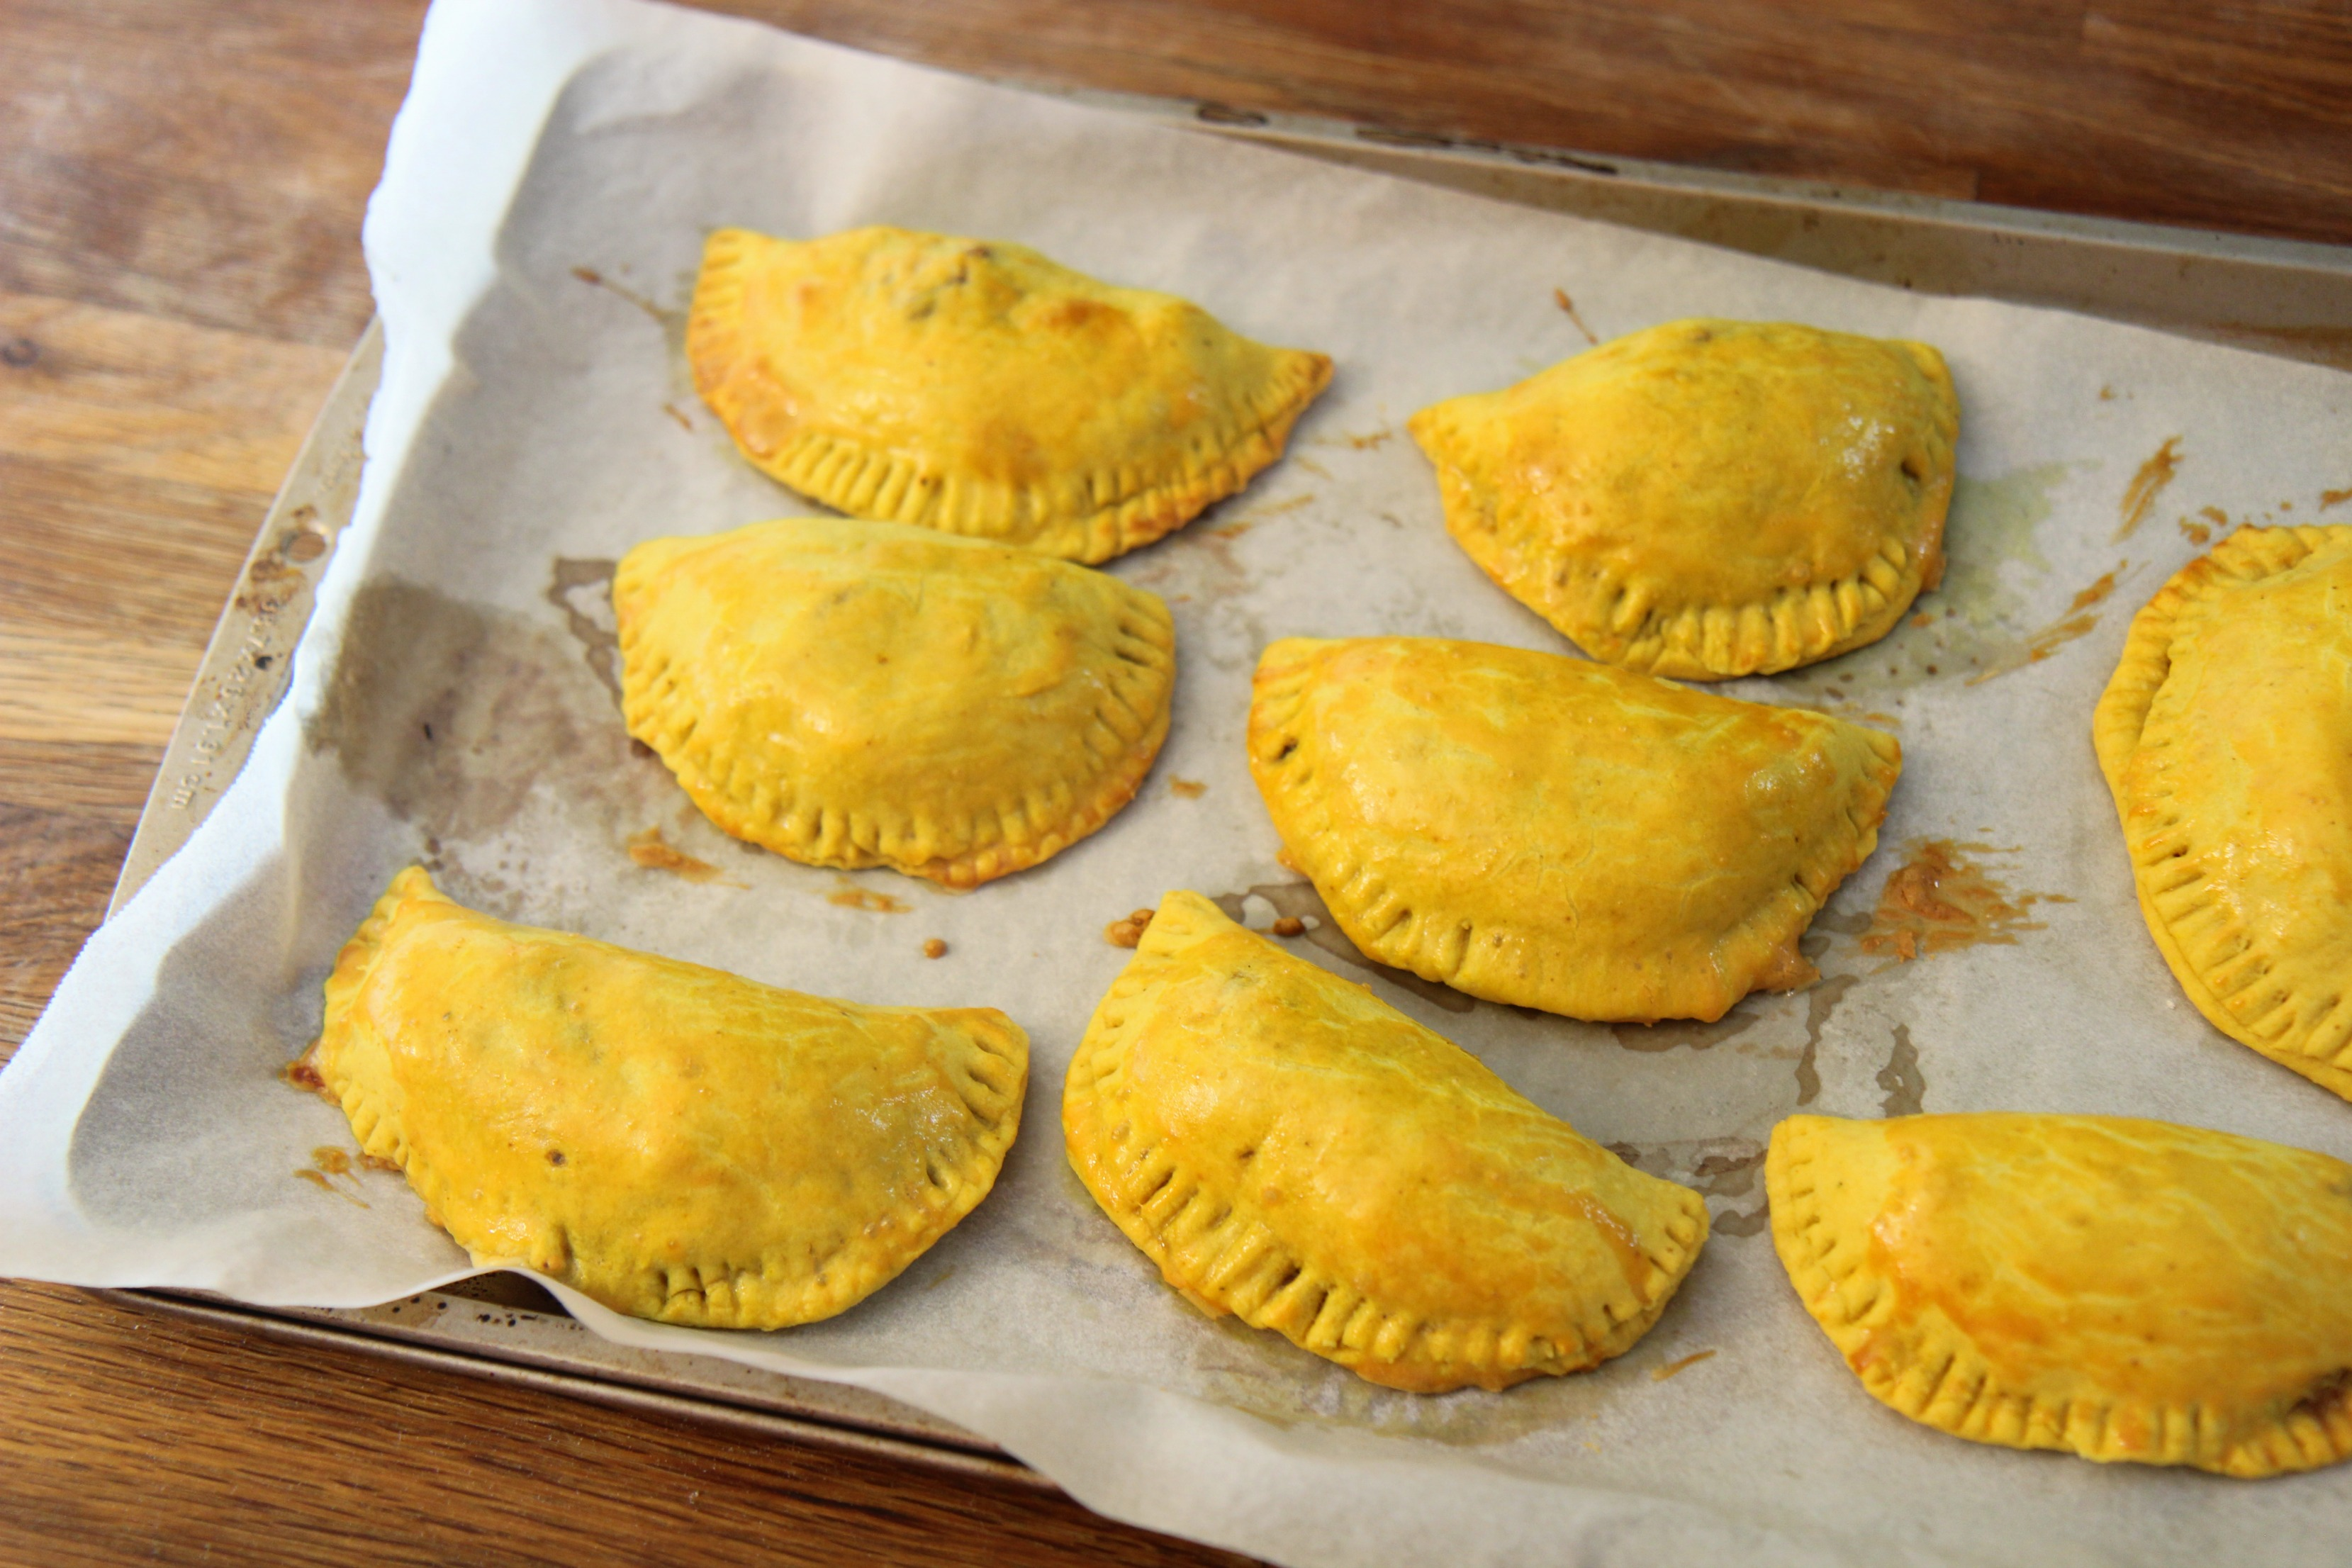 baked Jamaican beef patties